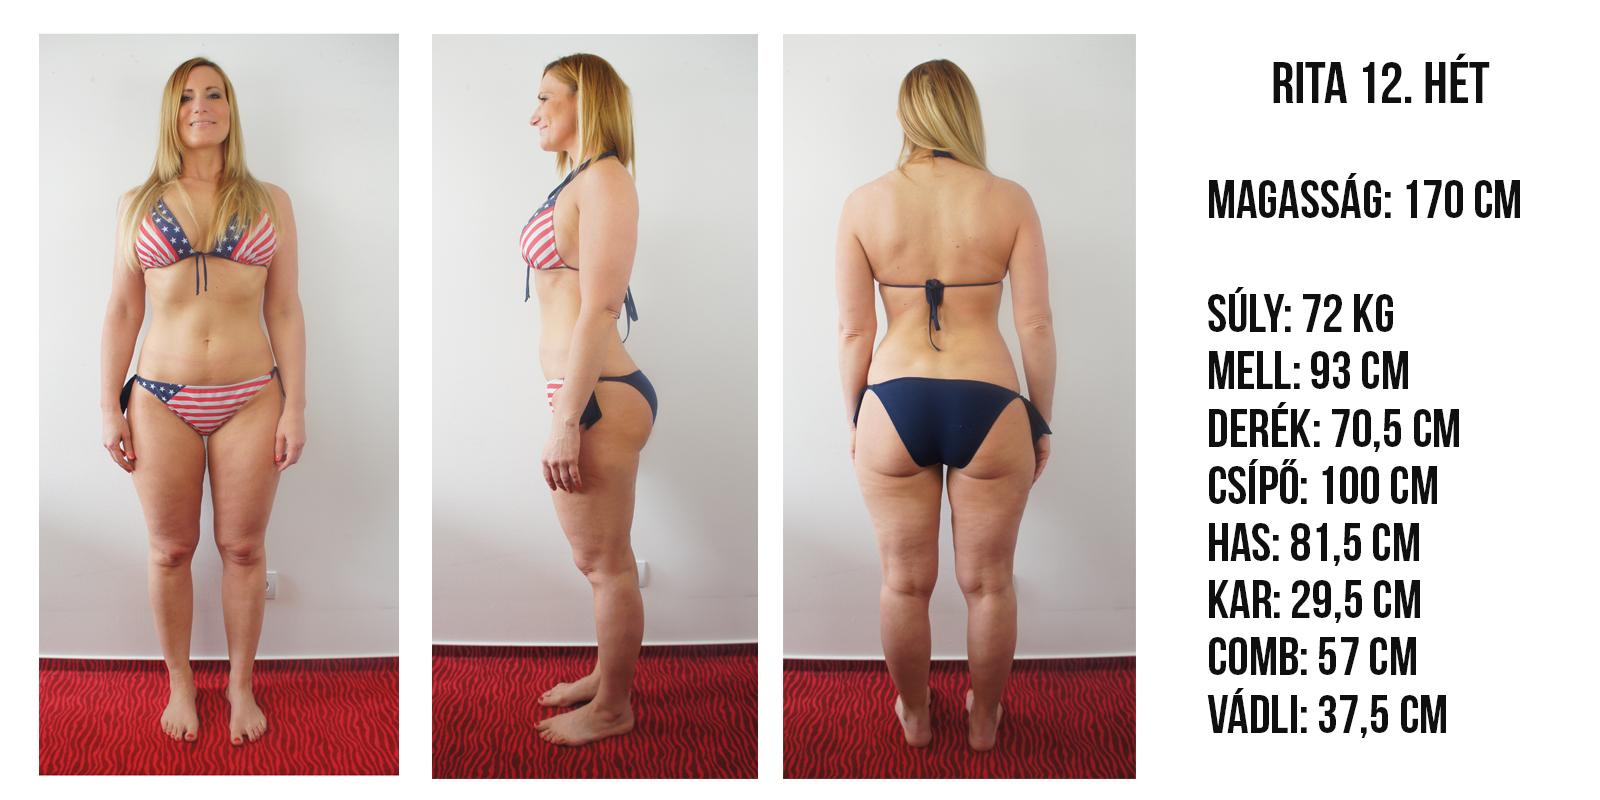 Így add le a teljes túlsúlyod! 20 kiló mínusz májusig - Fogyókúra | Femina